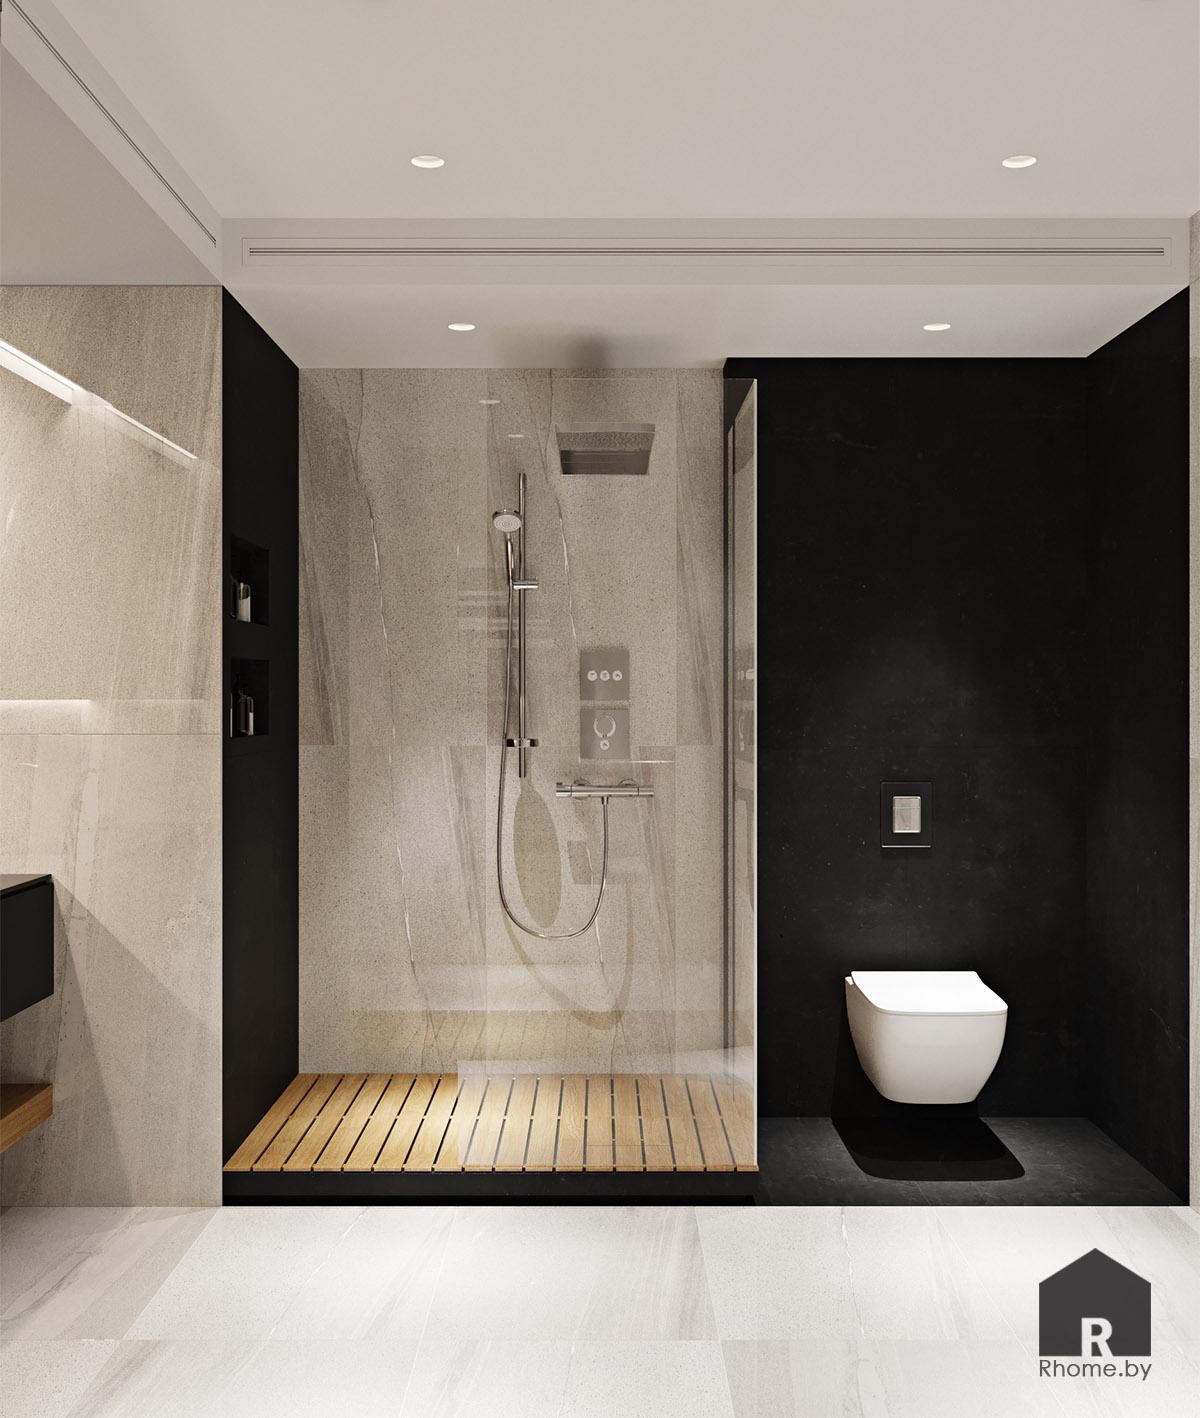 Дизайн интерьера ванной комнаты в Новой Боровой | Дизайн студия – Rhome.by